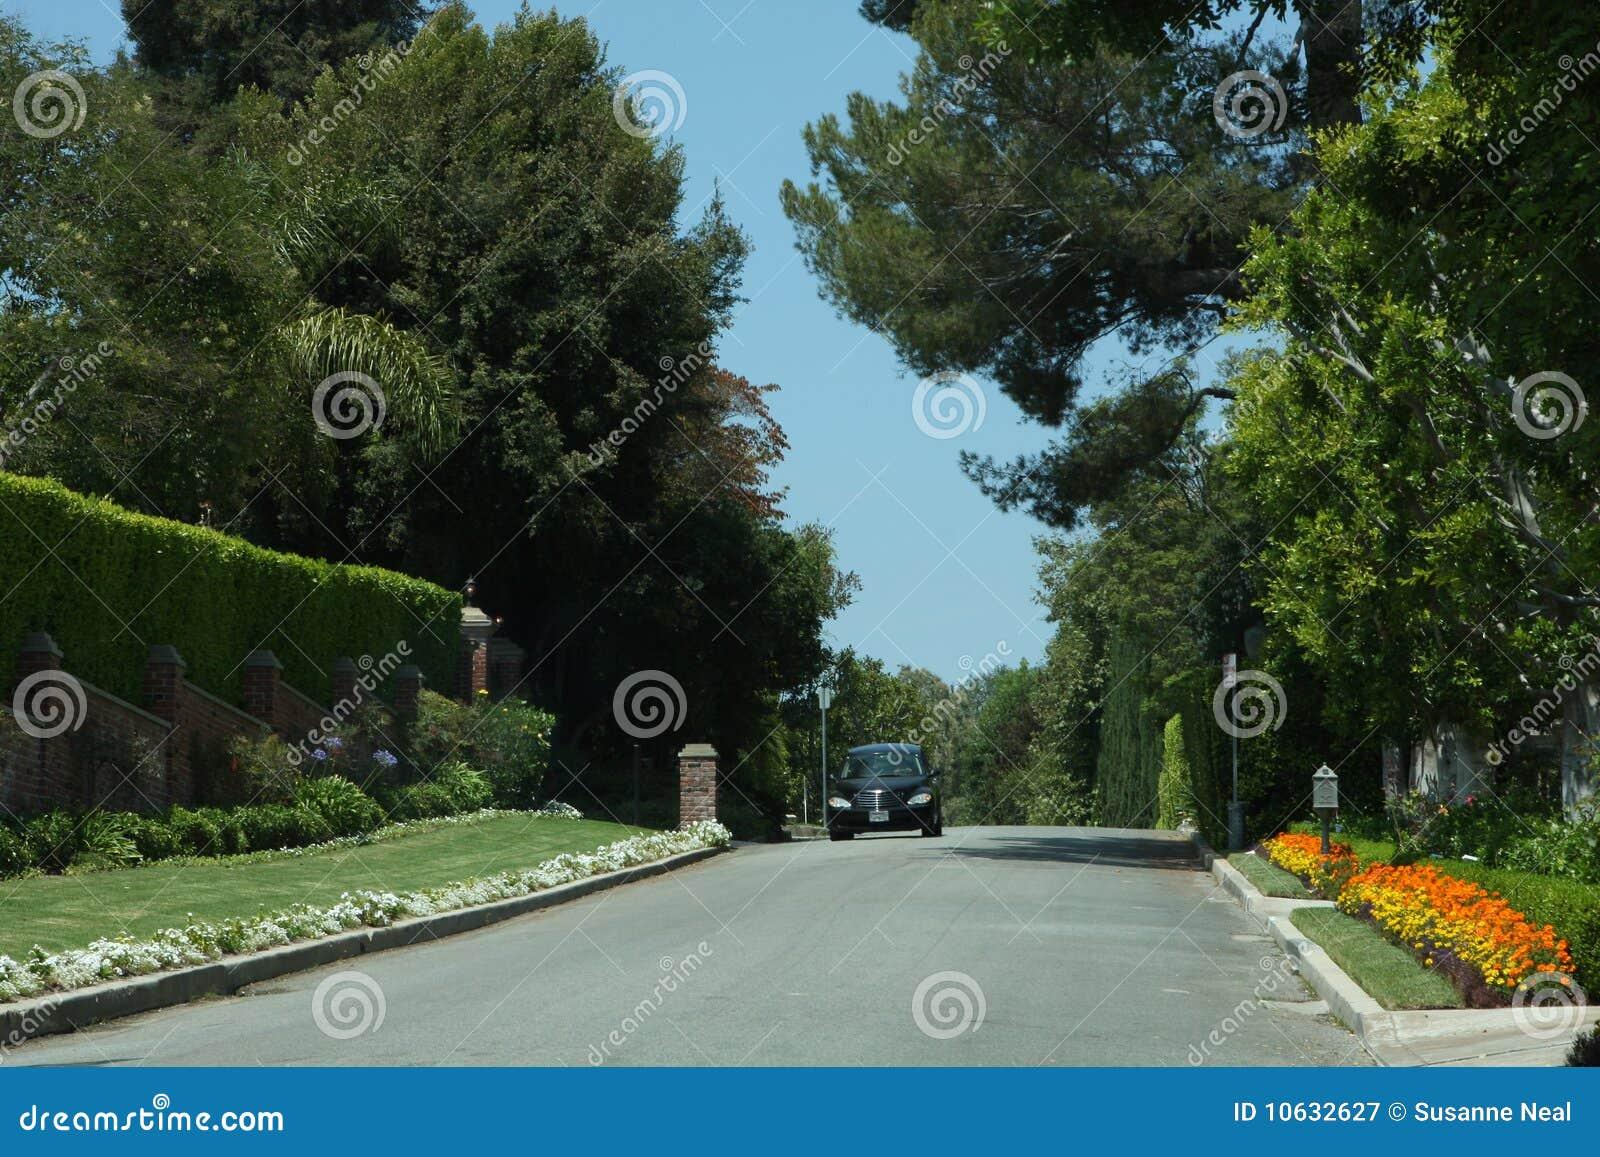 Elegant Street In Bel Air California Stock Image Image